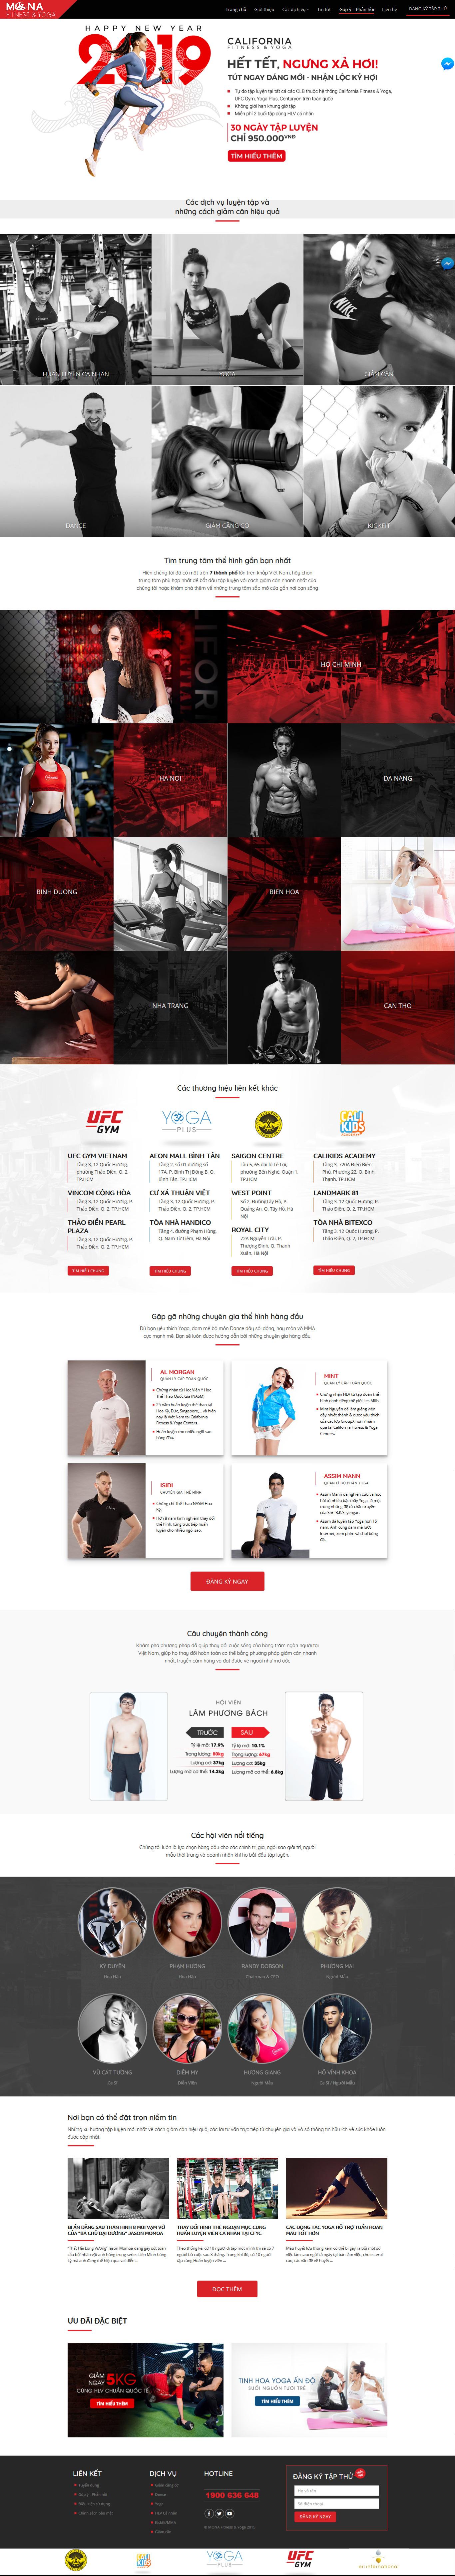 Mẫu landing page phòng gym tương tự California - Mẫu website bởi Mona Media